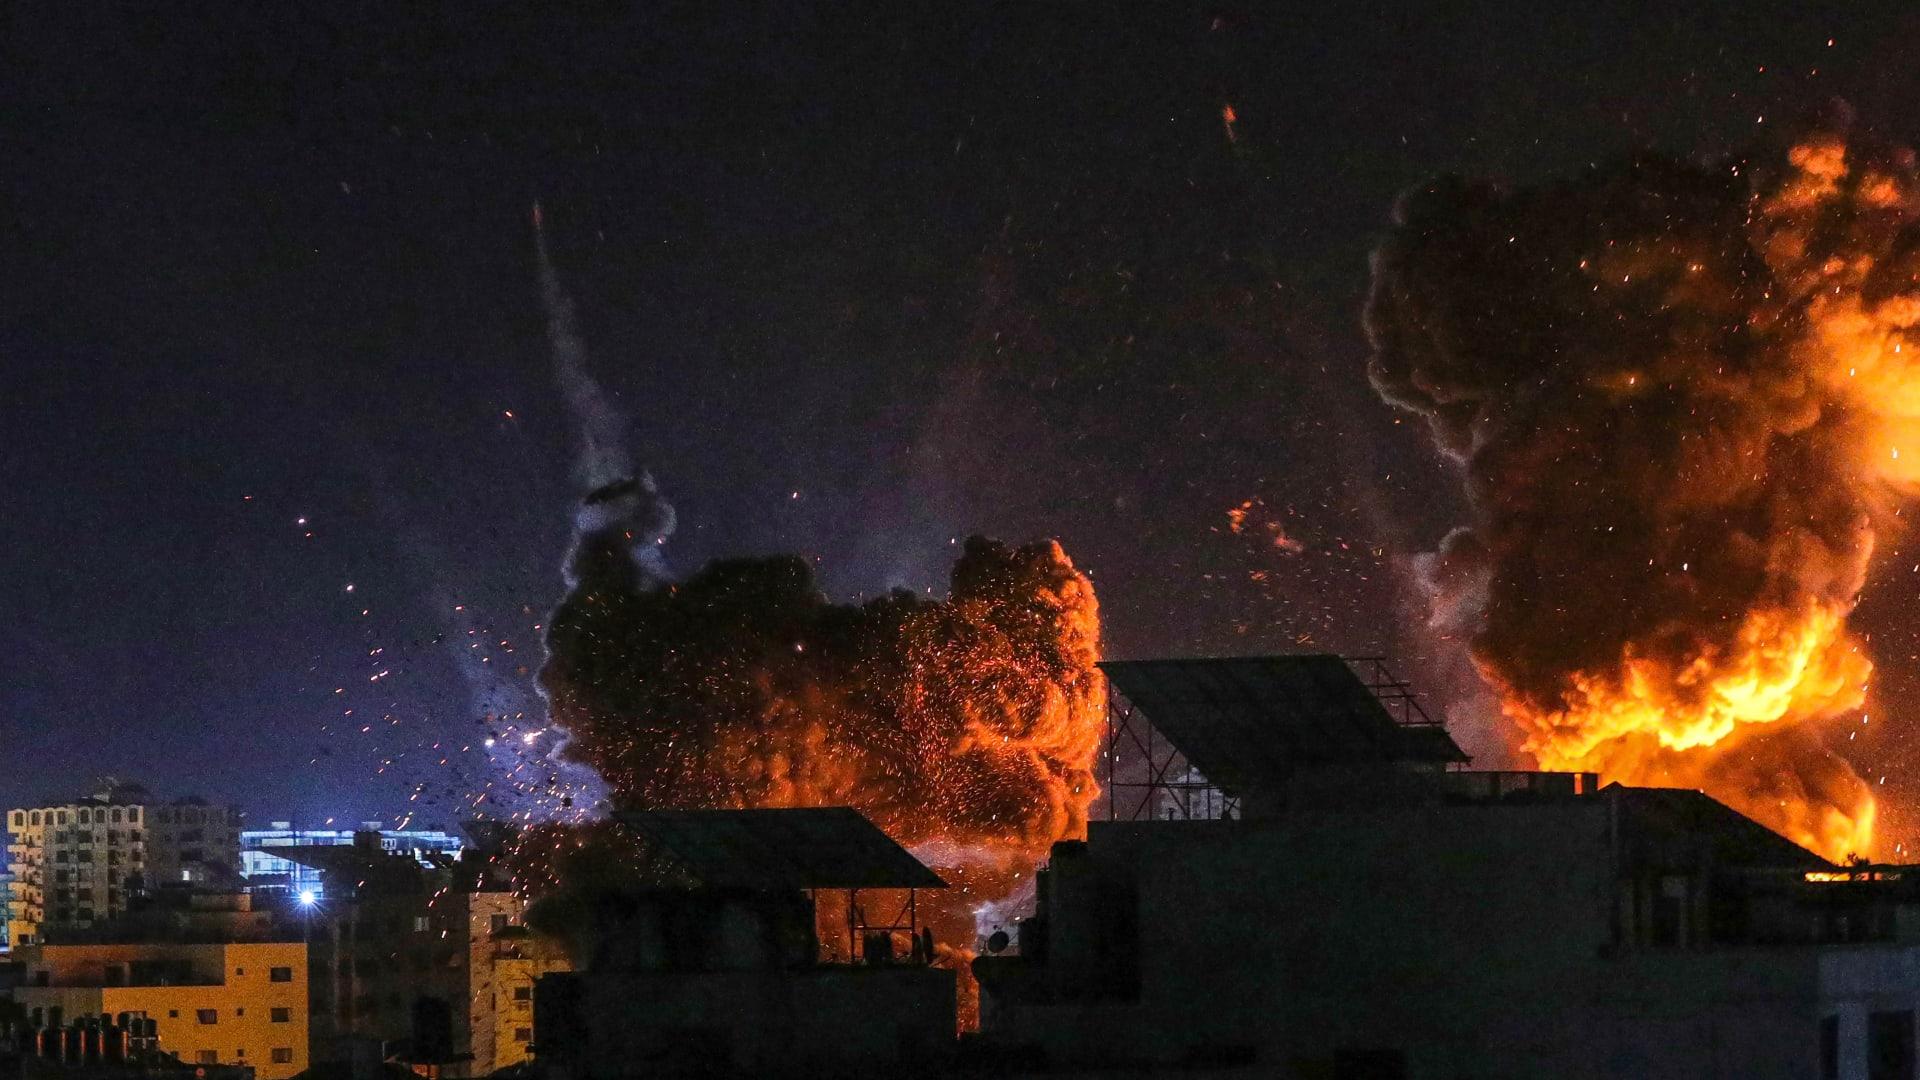 ارتفاع النار والدخان فوق المباني في مدينة غزة بعد ضربات إسرائيلية، في وقت مبكر من يوم 18 مايو 2021